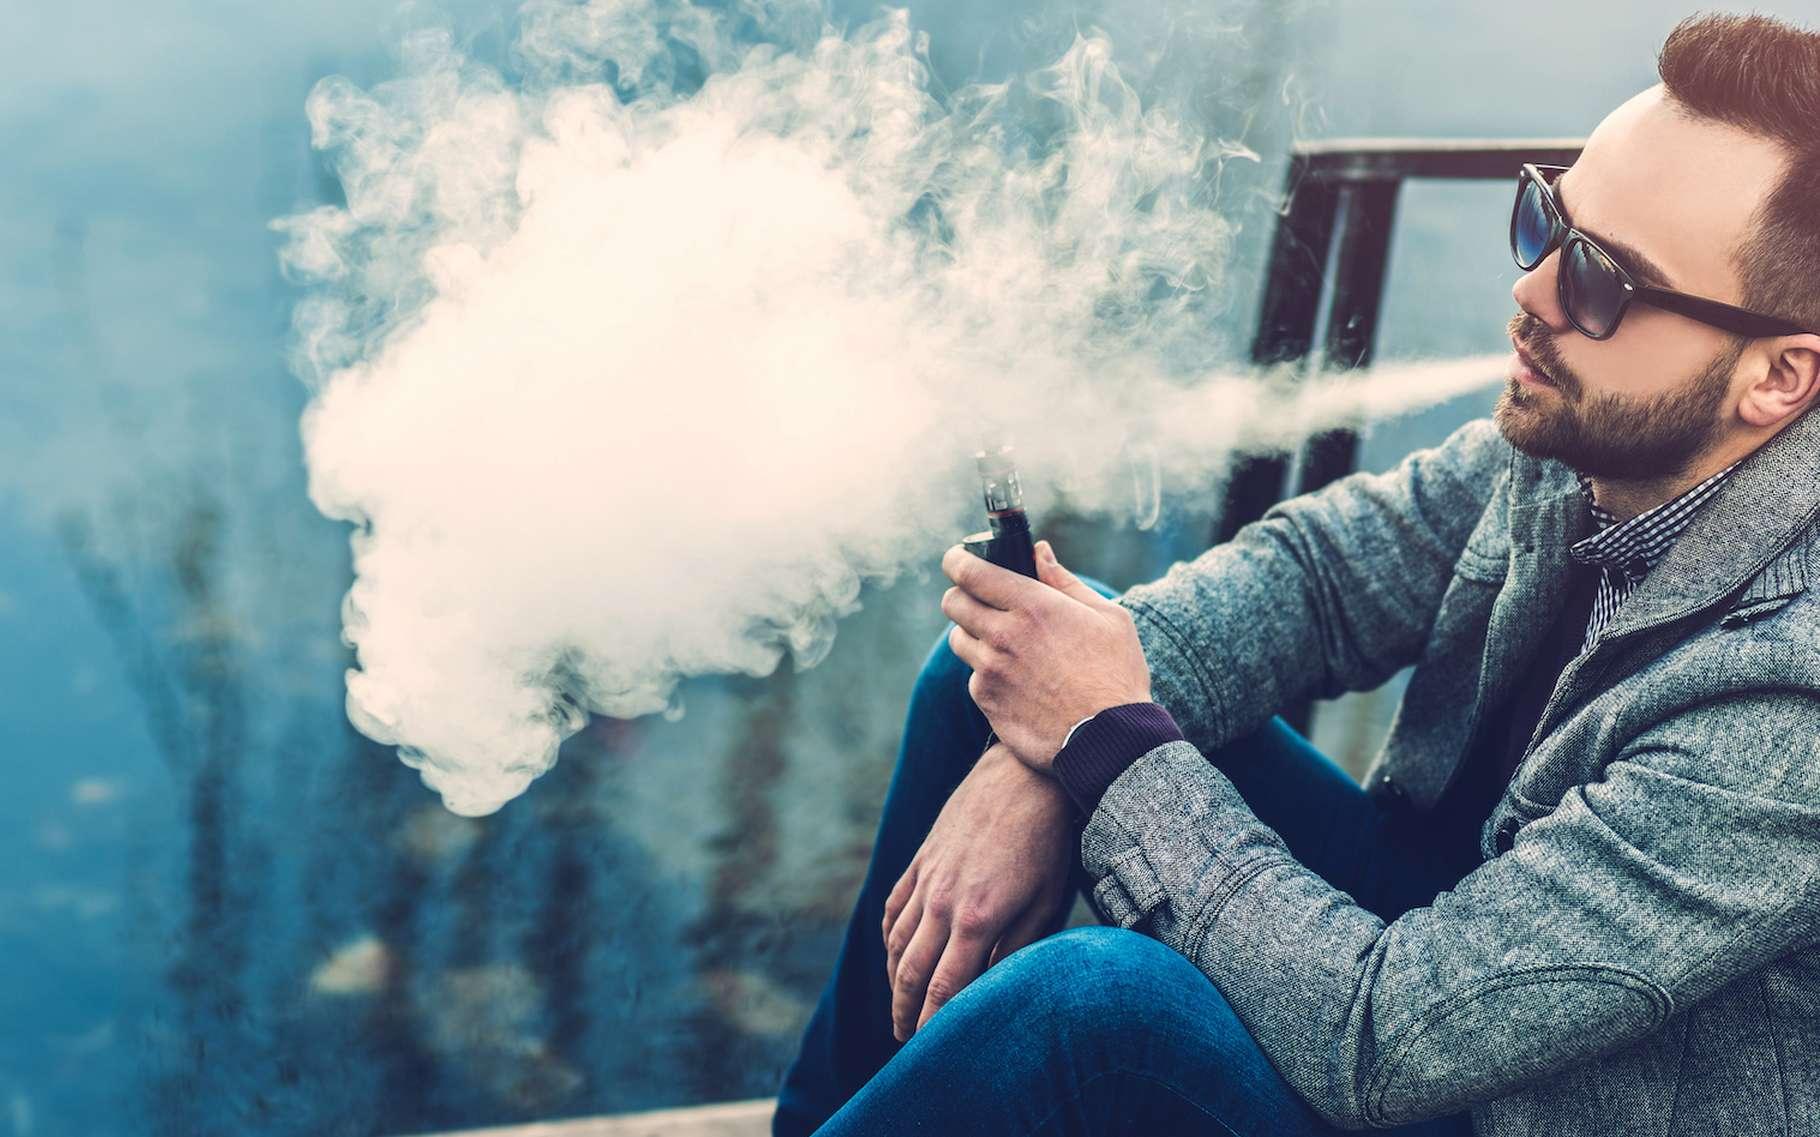 L'objectif du Mois sans tabac est d'inciter les fumeurs à arrêter de fumer pendant au moins 30 jours. Parmi les solutions pour les aider : le vaporisateur personnel. © bedya, AdobeStock